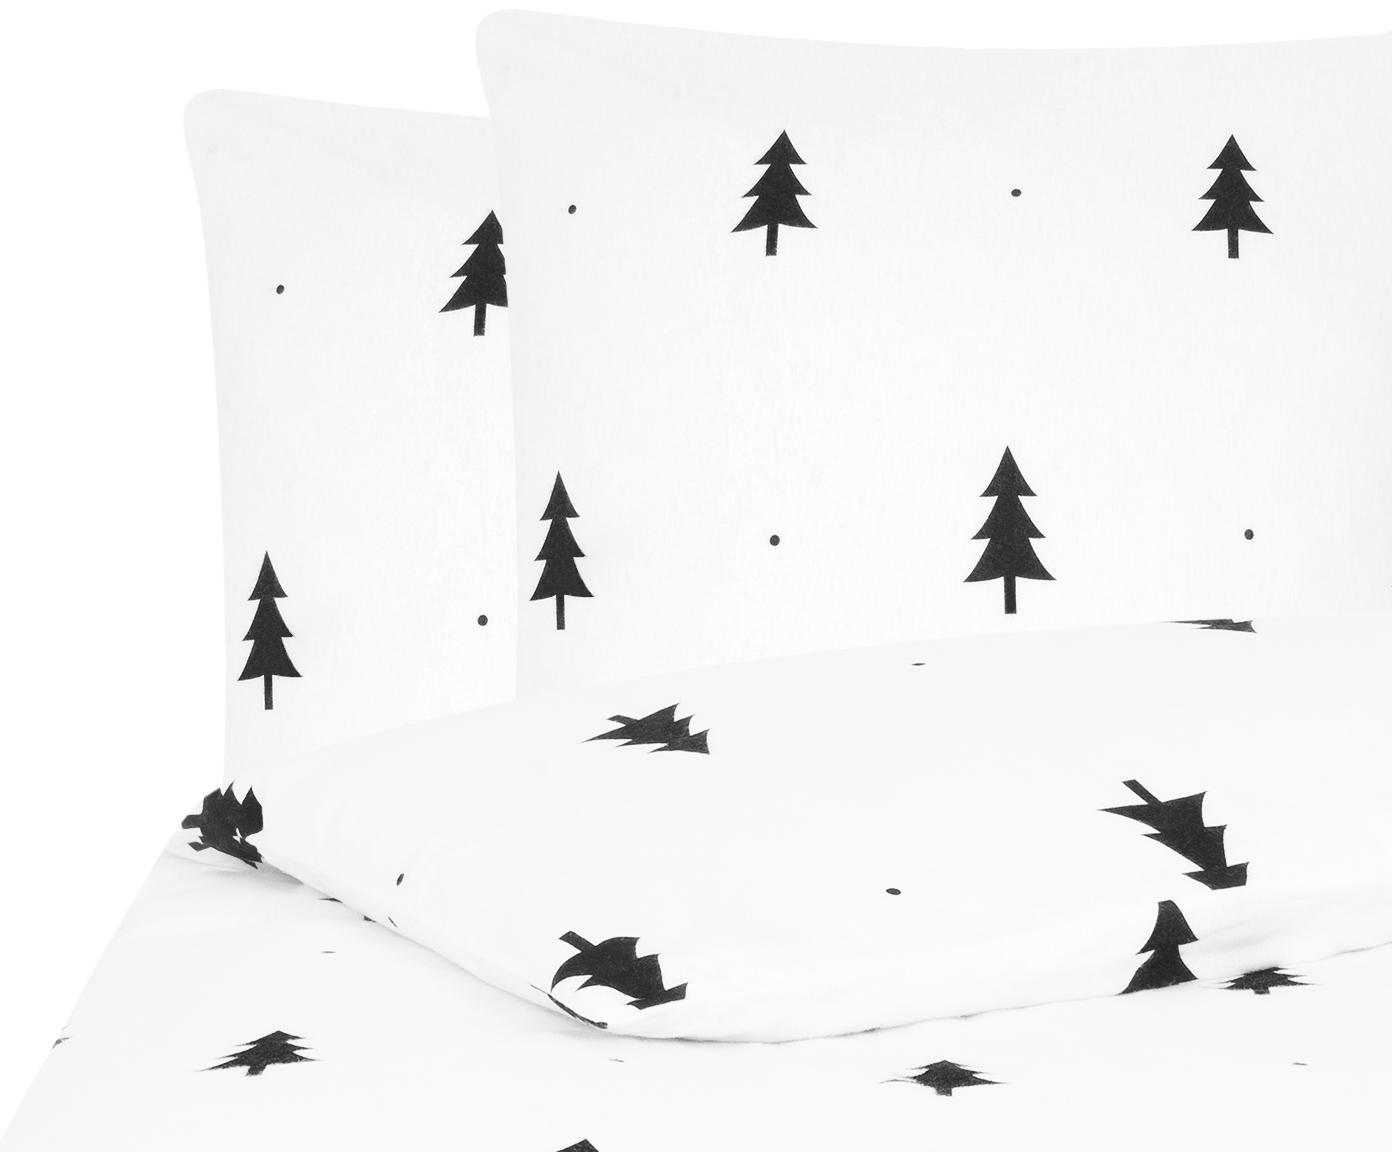 Flanell-Bettwäsche X-mas Tree in Weiß/Schwarz, Webart: Flanell Flanell ist ein s, Weiß, Schwarz, 200 x 200 cm